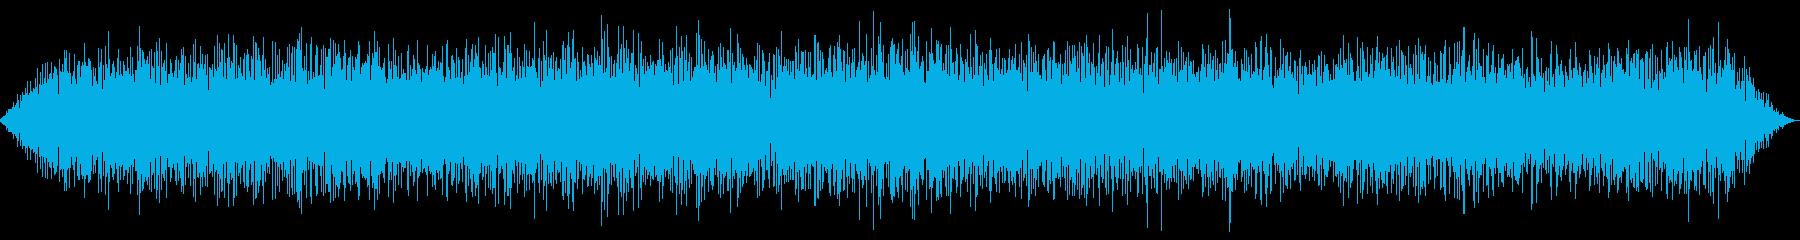 バイプレーンエンジンのアイドリングの再生済みの波形